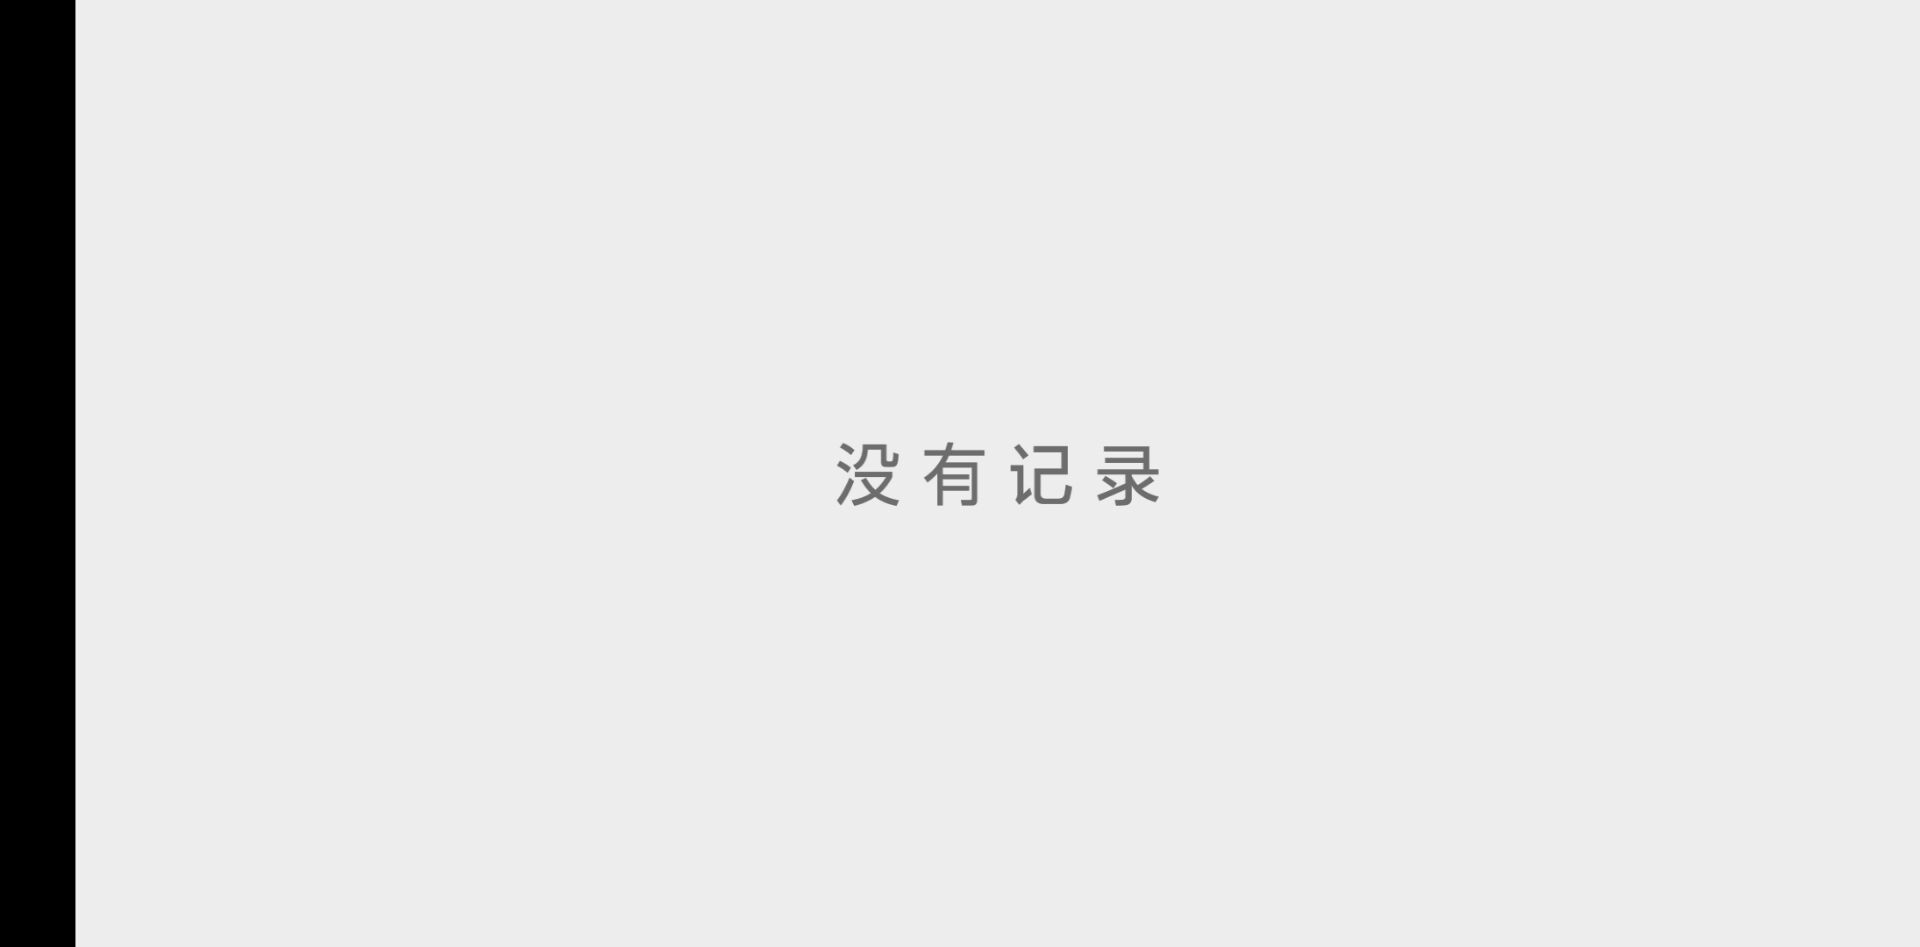 【资源分享】尺子-爱小助